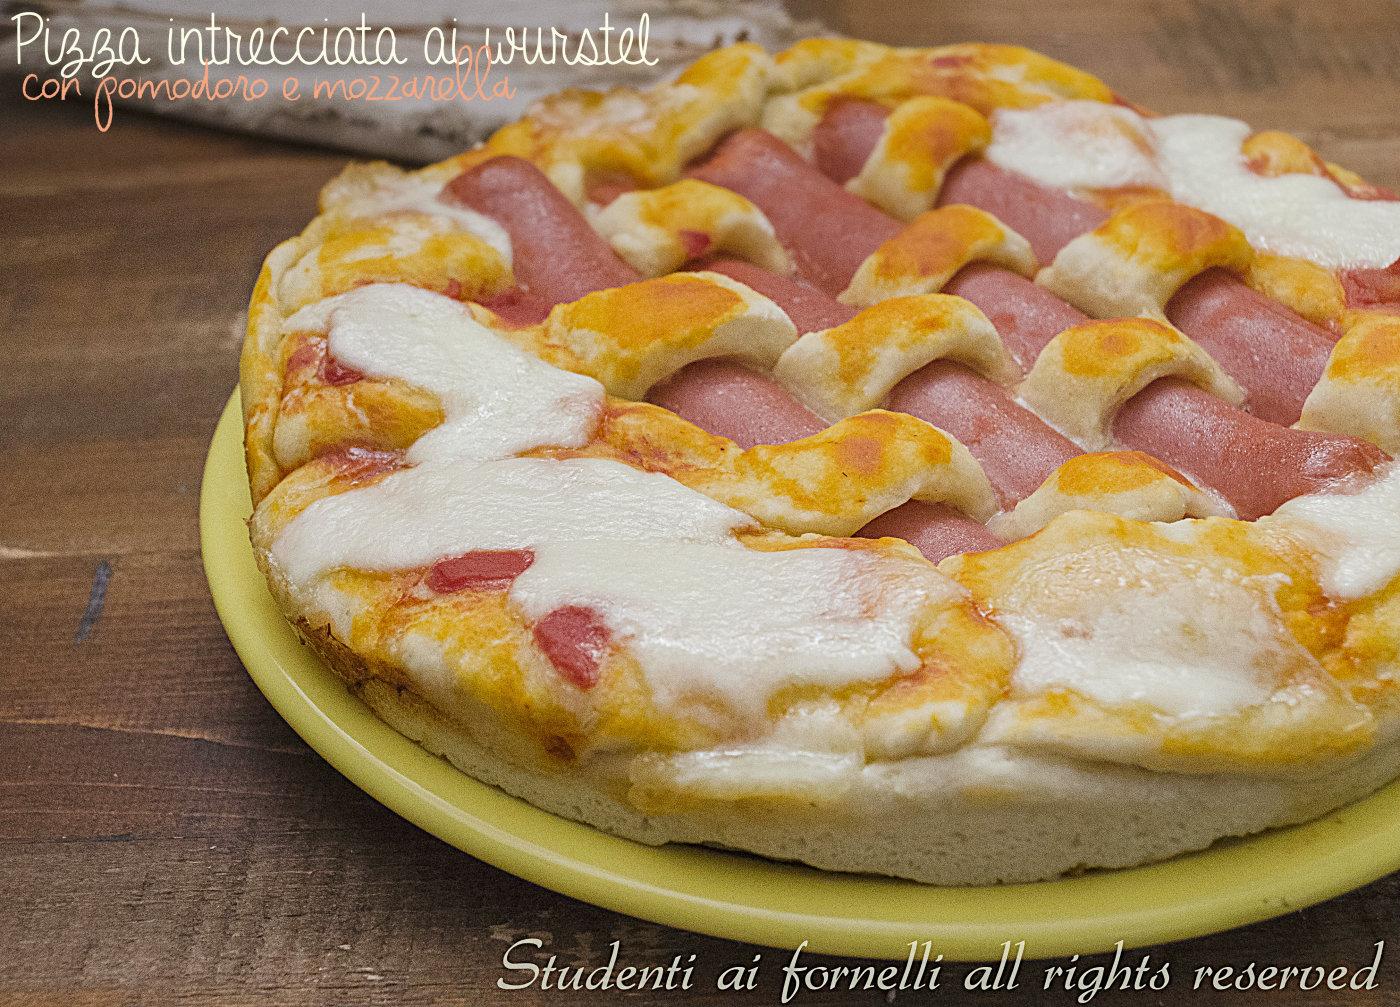 Ricetta Wurstel Pomodoro E Mozzarella.Pizza Intrecciata Ai Wurstel Con Mozzarella E Pomodoro Ricetta